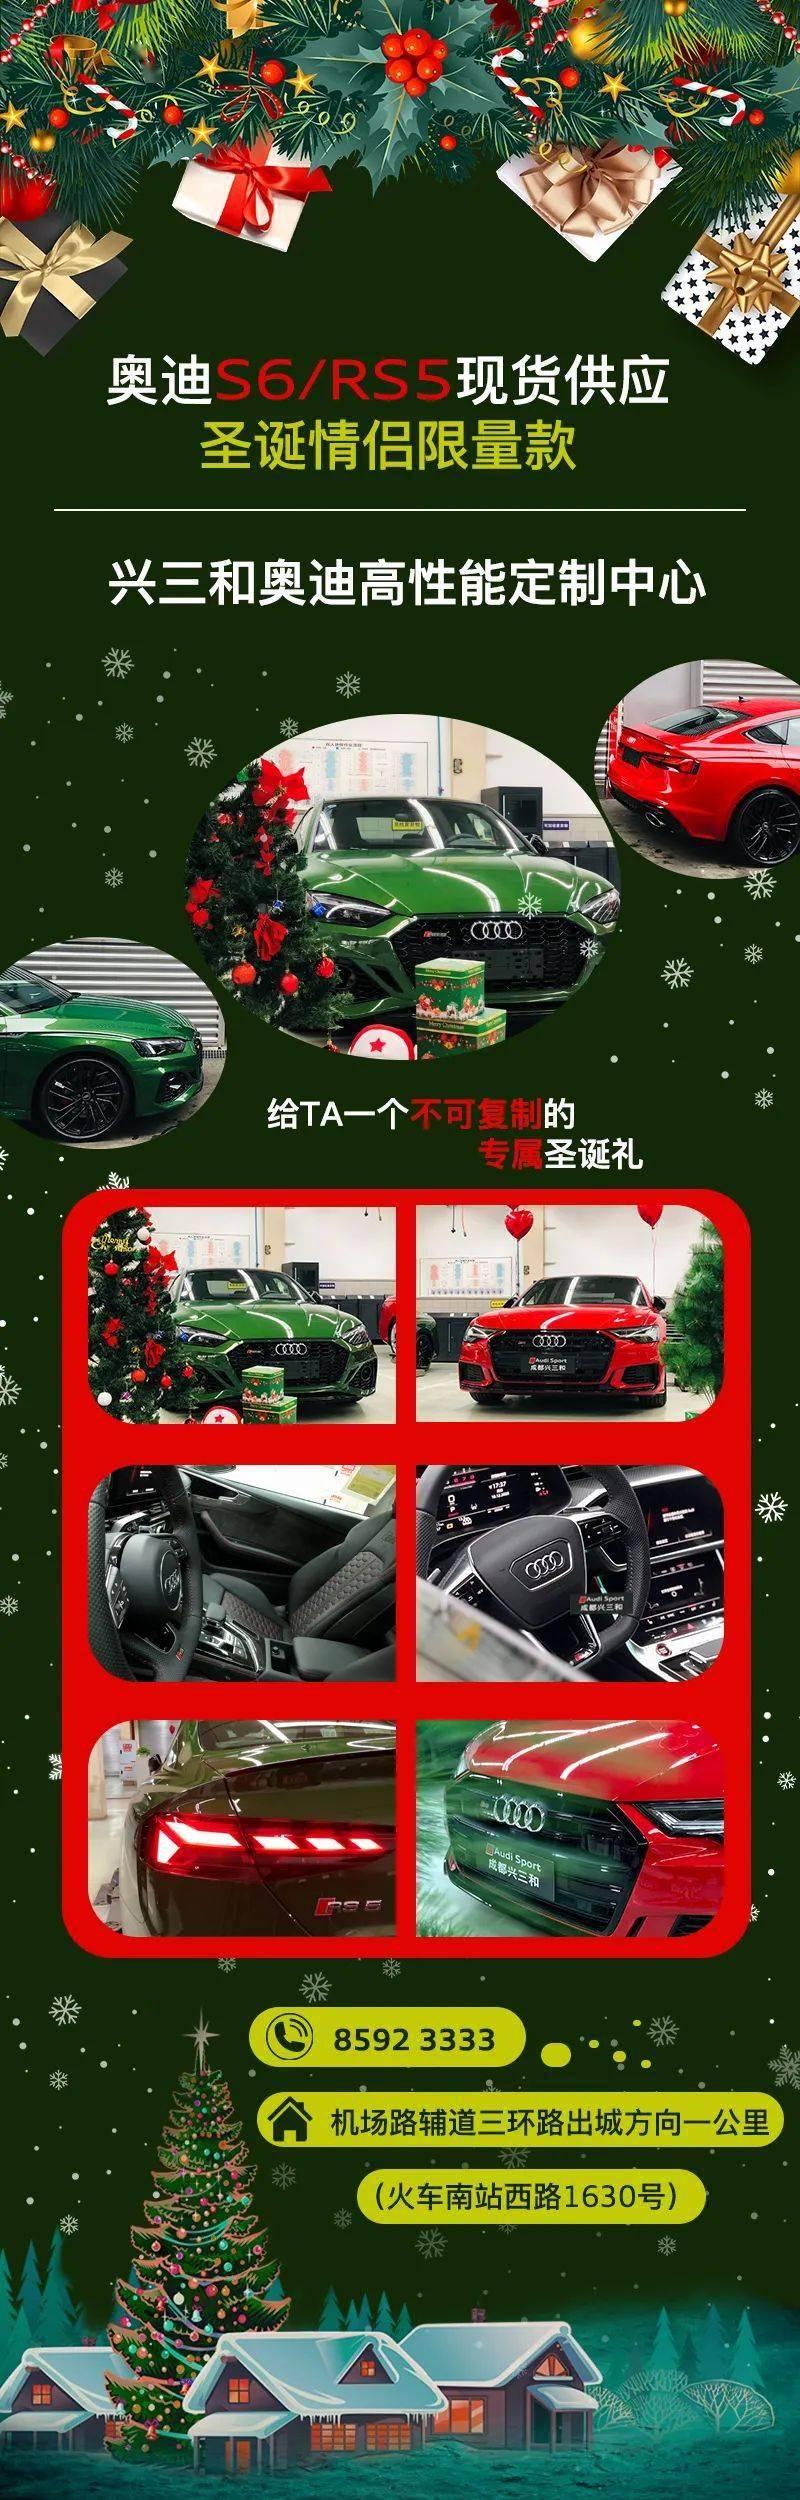 奥迪S6/RS5有货,圣诞情侣限量。